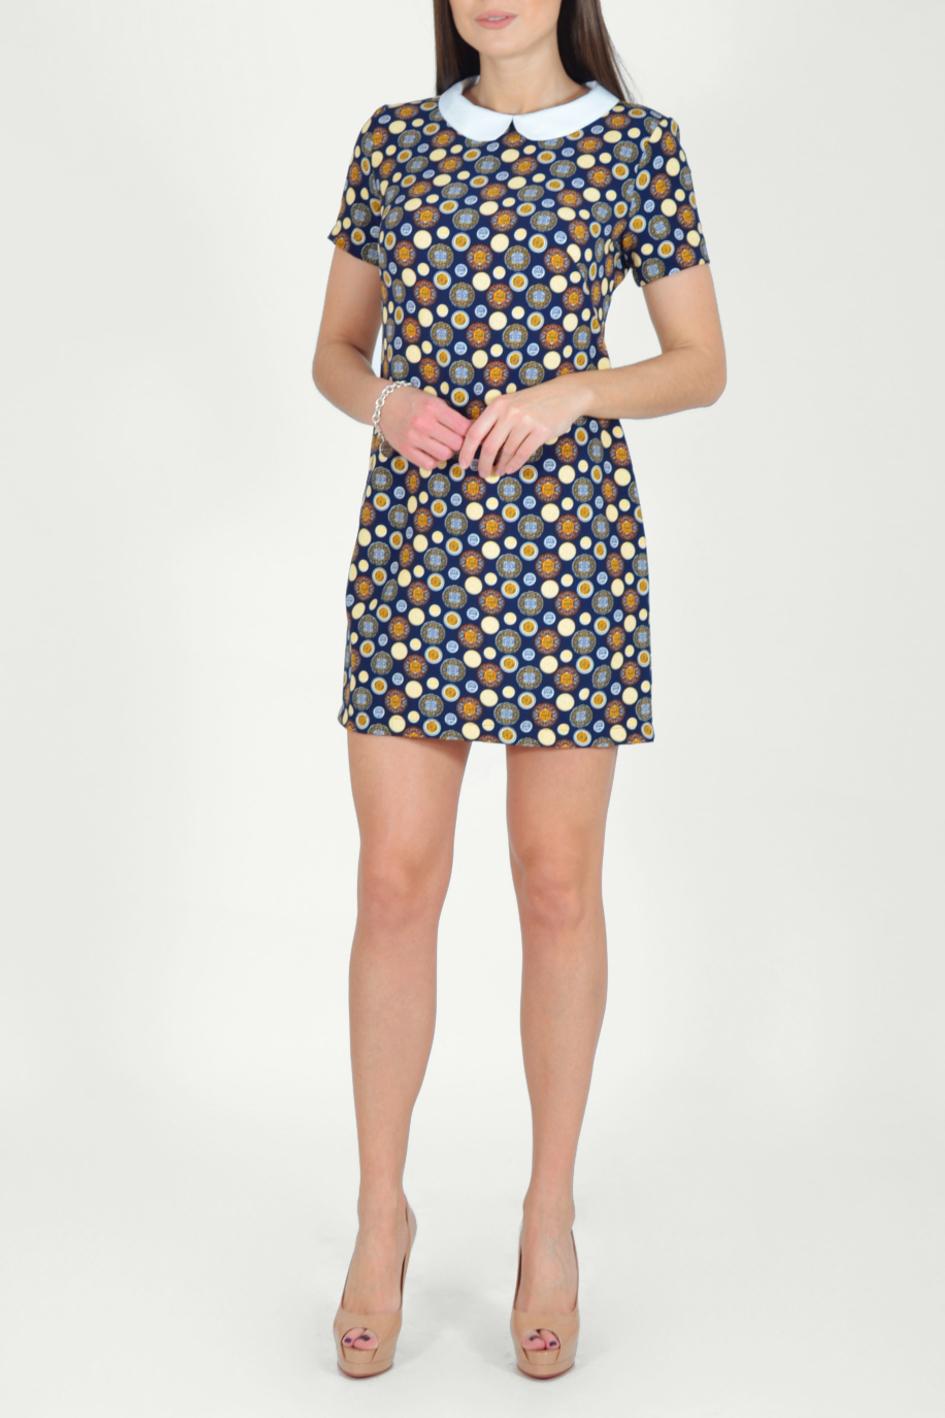 ПлатьеПлатья<br>Цветное платье с контрастным воротничком и короткими рукавами. Модель выполнена из мягкой вискозы. Отличный выбор для повседневного гардероба.  Длина изделия по спинке до 48 размера - 85 см., от 48 размера - 93 см.  В изделии использованы цвета: синий, оранжевый, желтый, белый и др.  Рост девушки-фотомодели 170 см.  Параметры размеров: 42 размер - обхват груди 84 см., обхват талии 66 см., обхват бедер 92 см. 44 размер - обхват груди 88 см., обхват талии 70 см., обхват бедер 96 см. 46 размер - обхват груди 92 см., обхват талии 74 см., обхват бедер 100 см. 48 размер - обхват груди 96 см., обхват талии 78 см., обхват бедер 104 см. 50 размер - обхват груди 100 см., обхват талии 82 см., обхват бедер 108 см. 52 размер - обхват груди 104 см., обхват талии 86 см., обхват бедер 112 см. 54 размер - обхват груди 108 см., обхват талии 91 см., обхват бедер 116 см. 56 размер - обхват груди 112 см., обхват талии 95 см., обхват бедер 120 см. 58 размер - обхват груди 116 см., обхват талии 100 см., обхват бедер 124 см. 60 размер - обхват груди 120 см., обхват талии 105 см., обхват бедер 128 см.<br><br>Воротник: Отложной<br>По длине: До колена,Мини<br>По материалу: Тканевые<br>По рисунку: В горошек,С принтом,Цветные<br>По силуэту: Полуприталенные<br>По стилю: Повседневный стиль<br>По форме: Платье - футляр<br>По элементам: С воротником<br>Рукав: Короткий рукав<br>По сезону: Осень,Весна<br>Размер : 44,46,48,50<br>Материал: Плательная ткань<br>Количество в наличии: 7